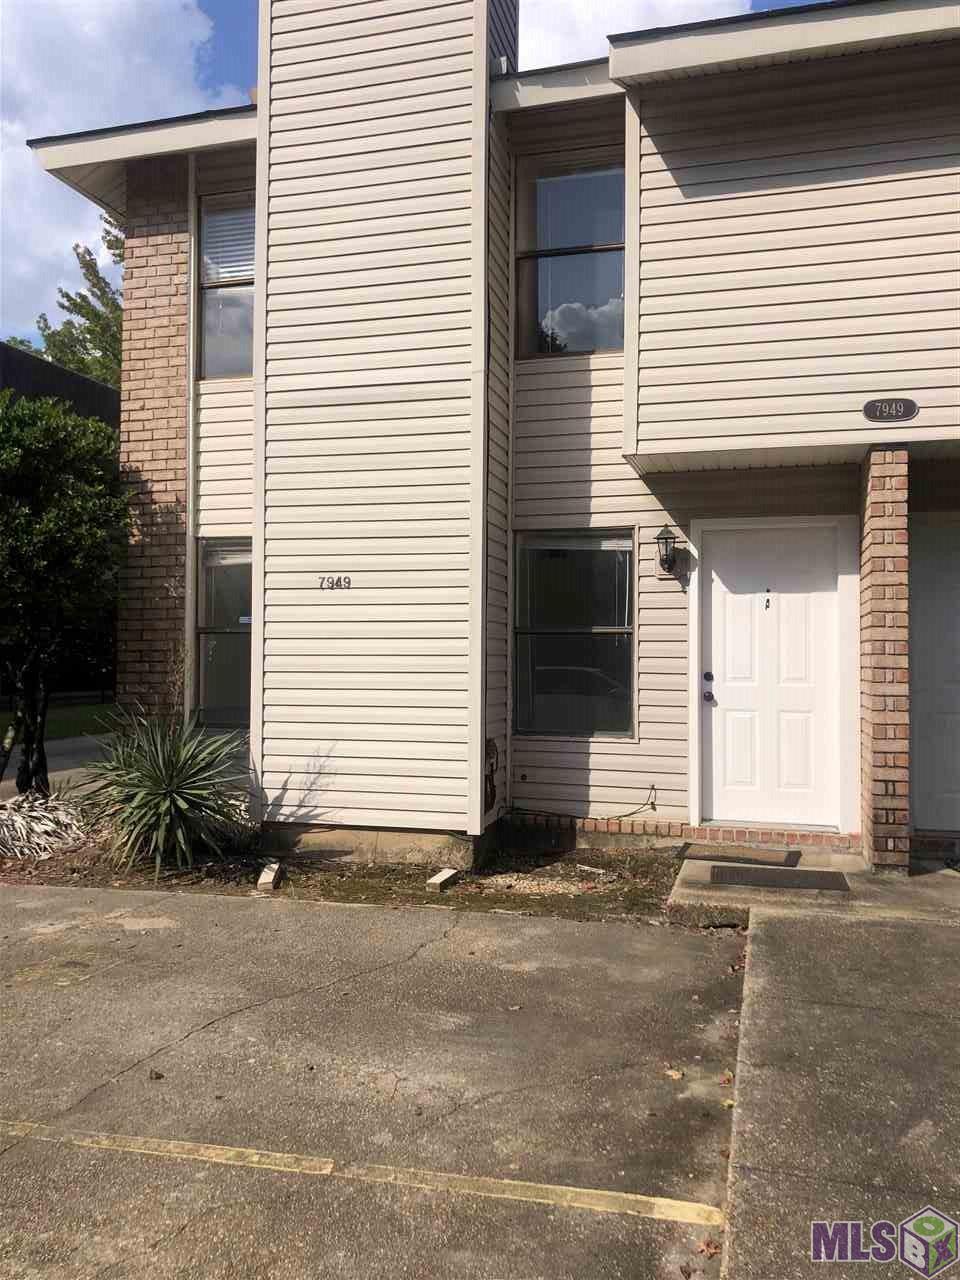 7949 PENNTH AVE A, Baton Rouge, LA 70809